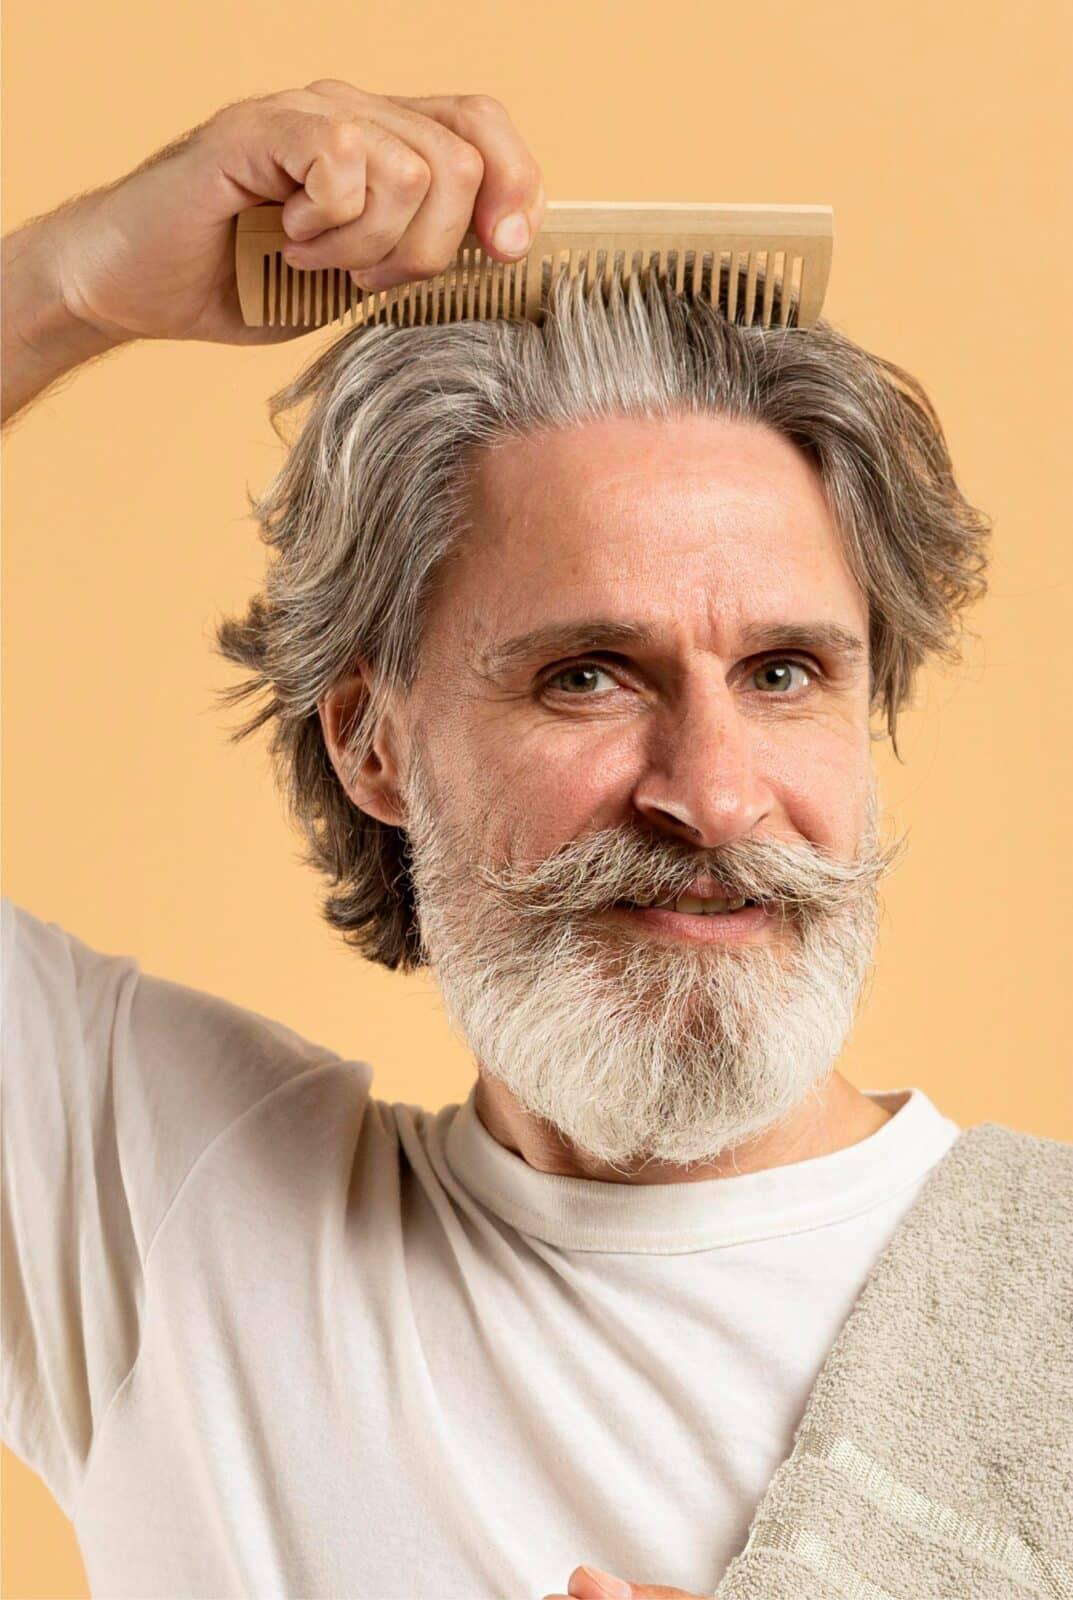 Metoda DHI - Przeszczep włosów w Turcji